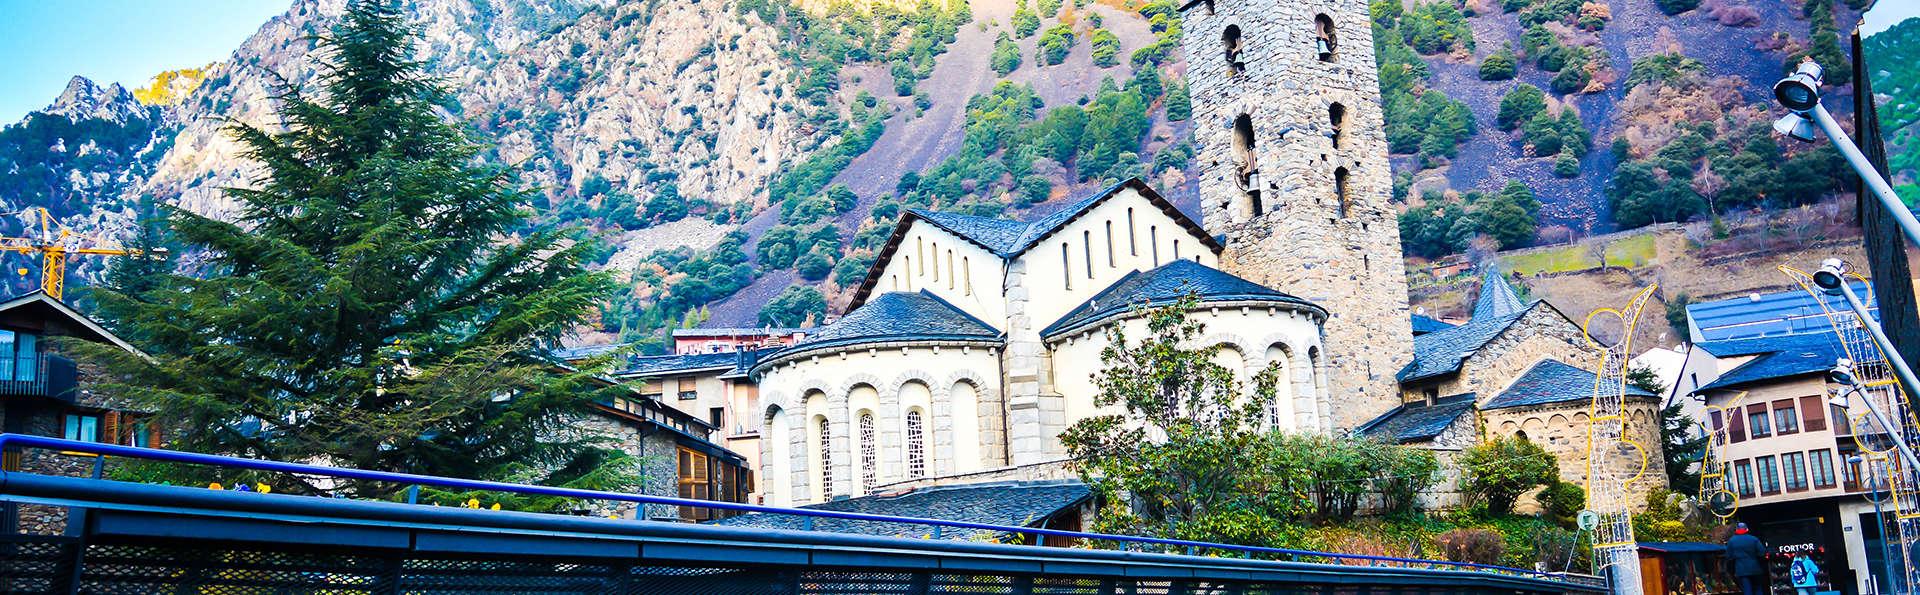 Petite pause exquise dans la vieille ville d'Andorre La Vella avec dîner.